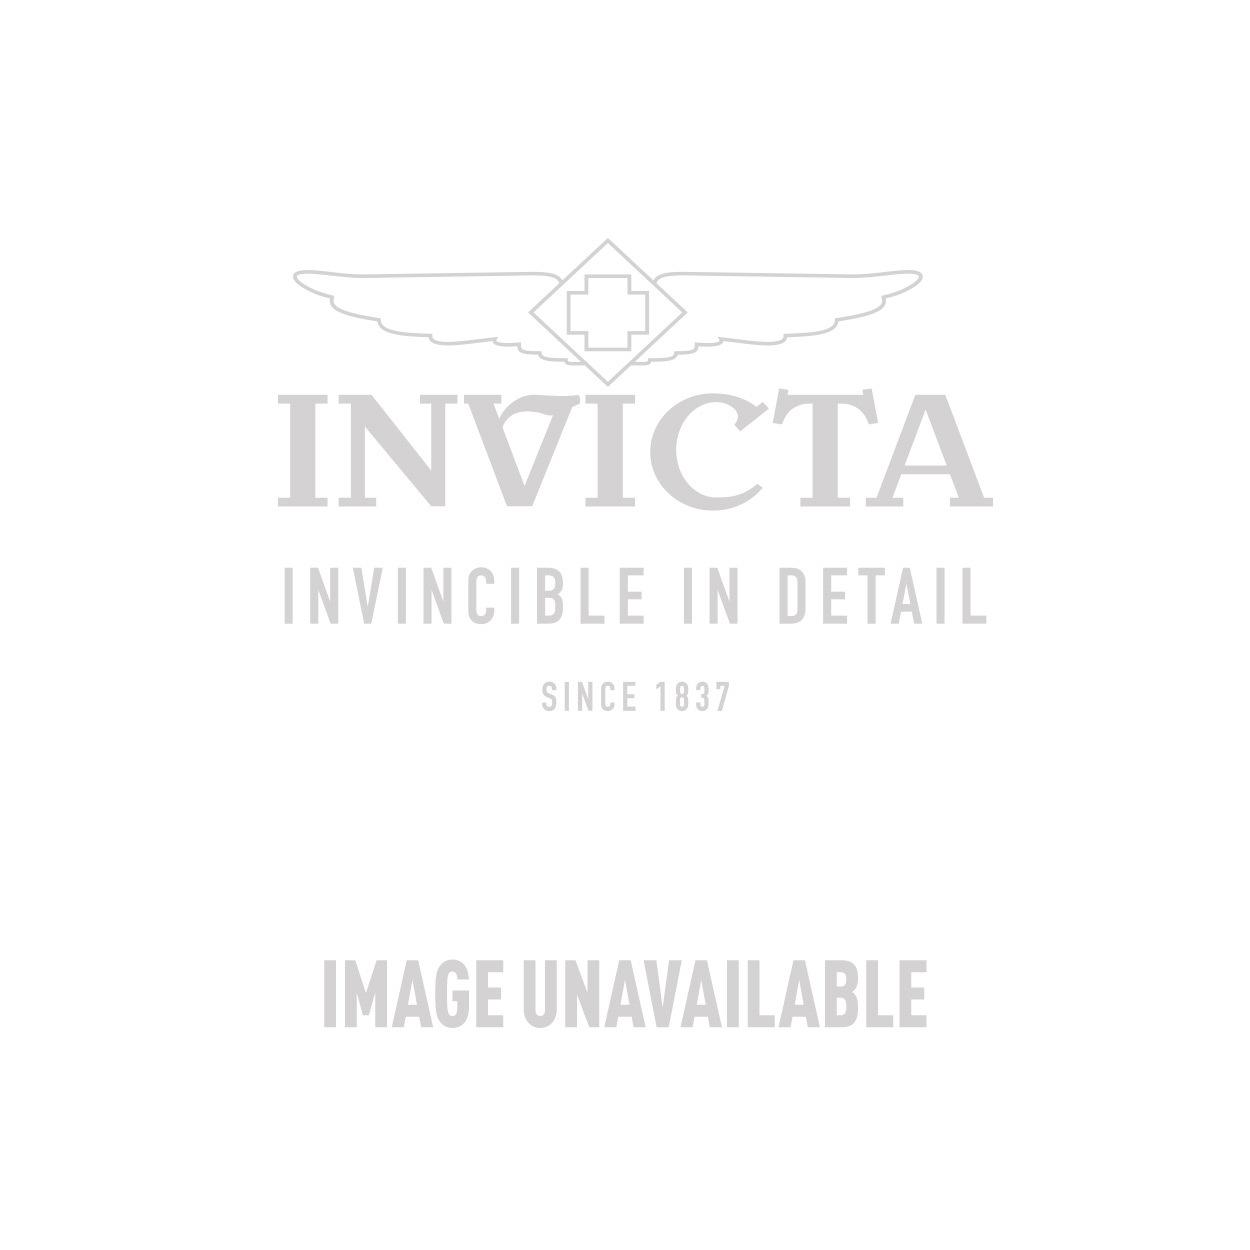 Invicta Model 27392